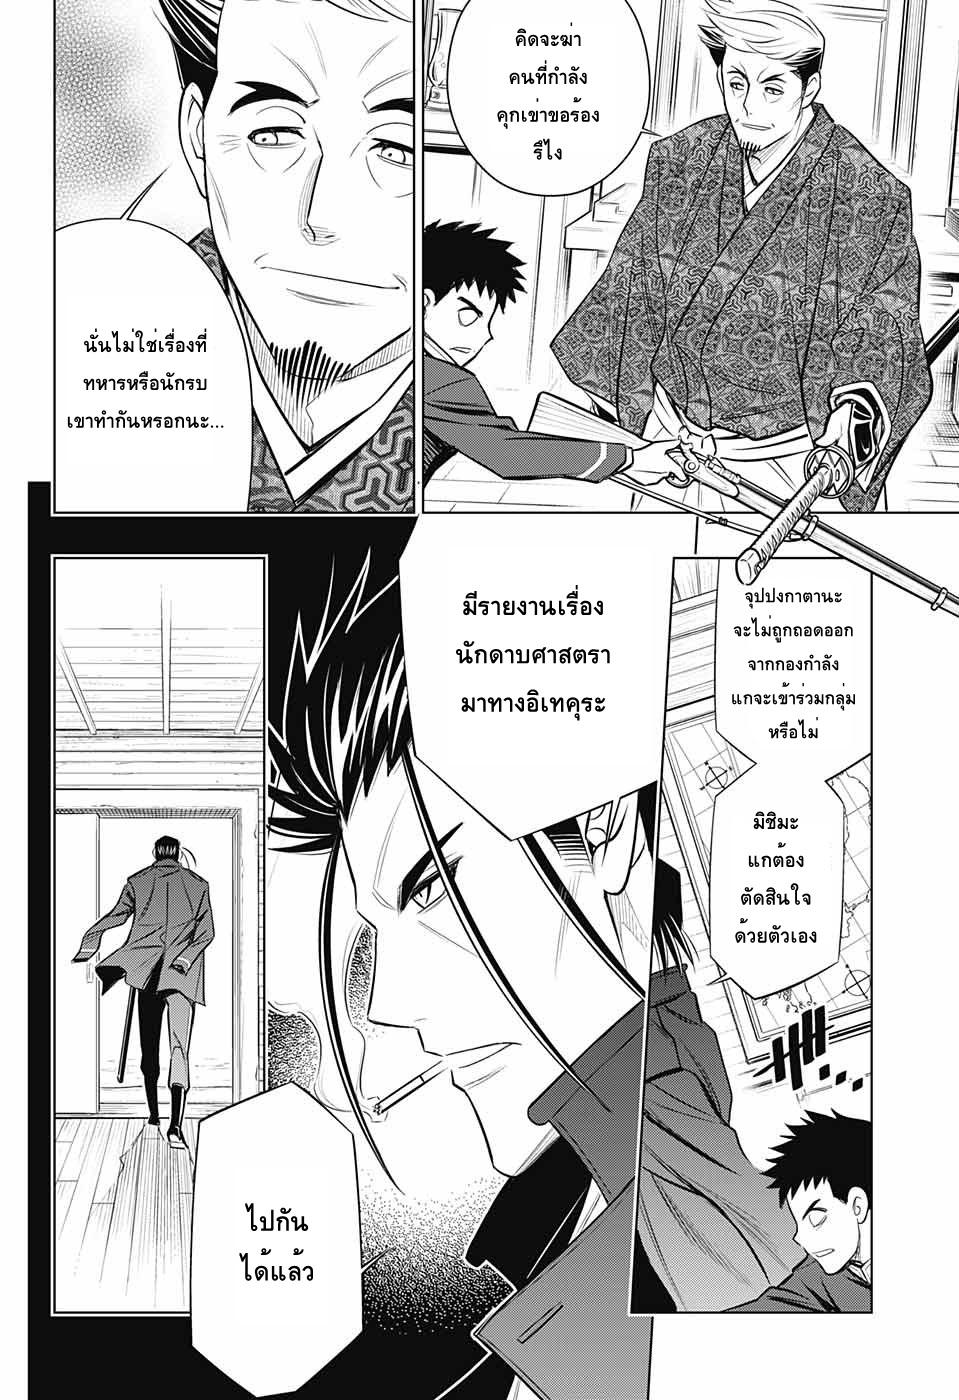 อ่านการ์ตูน Rurouni Kenshin: Hokkaido Arc ตอนที่ 16 หน้าที่ 20